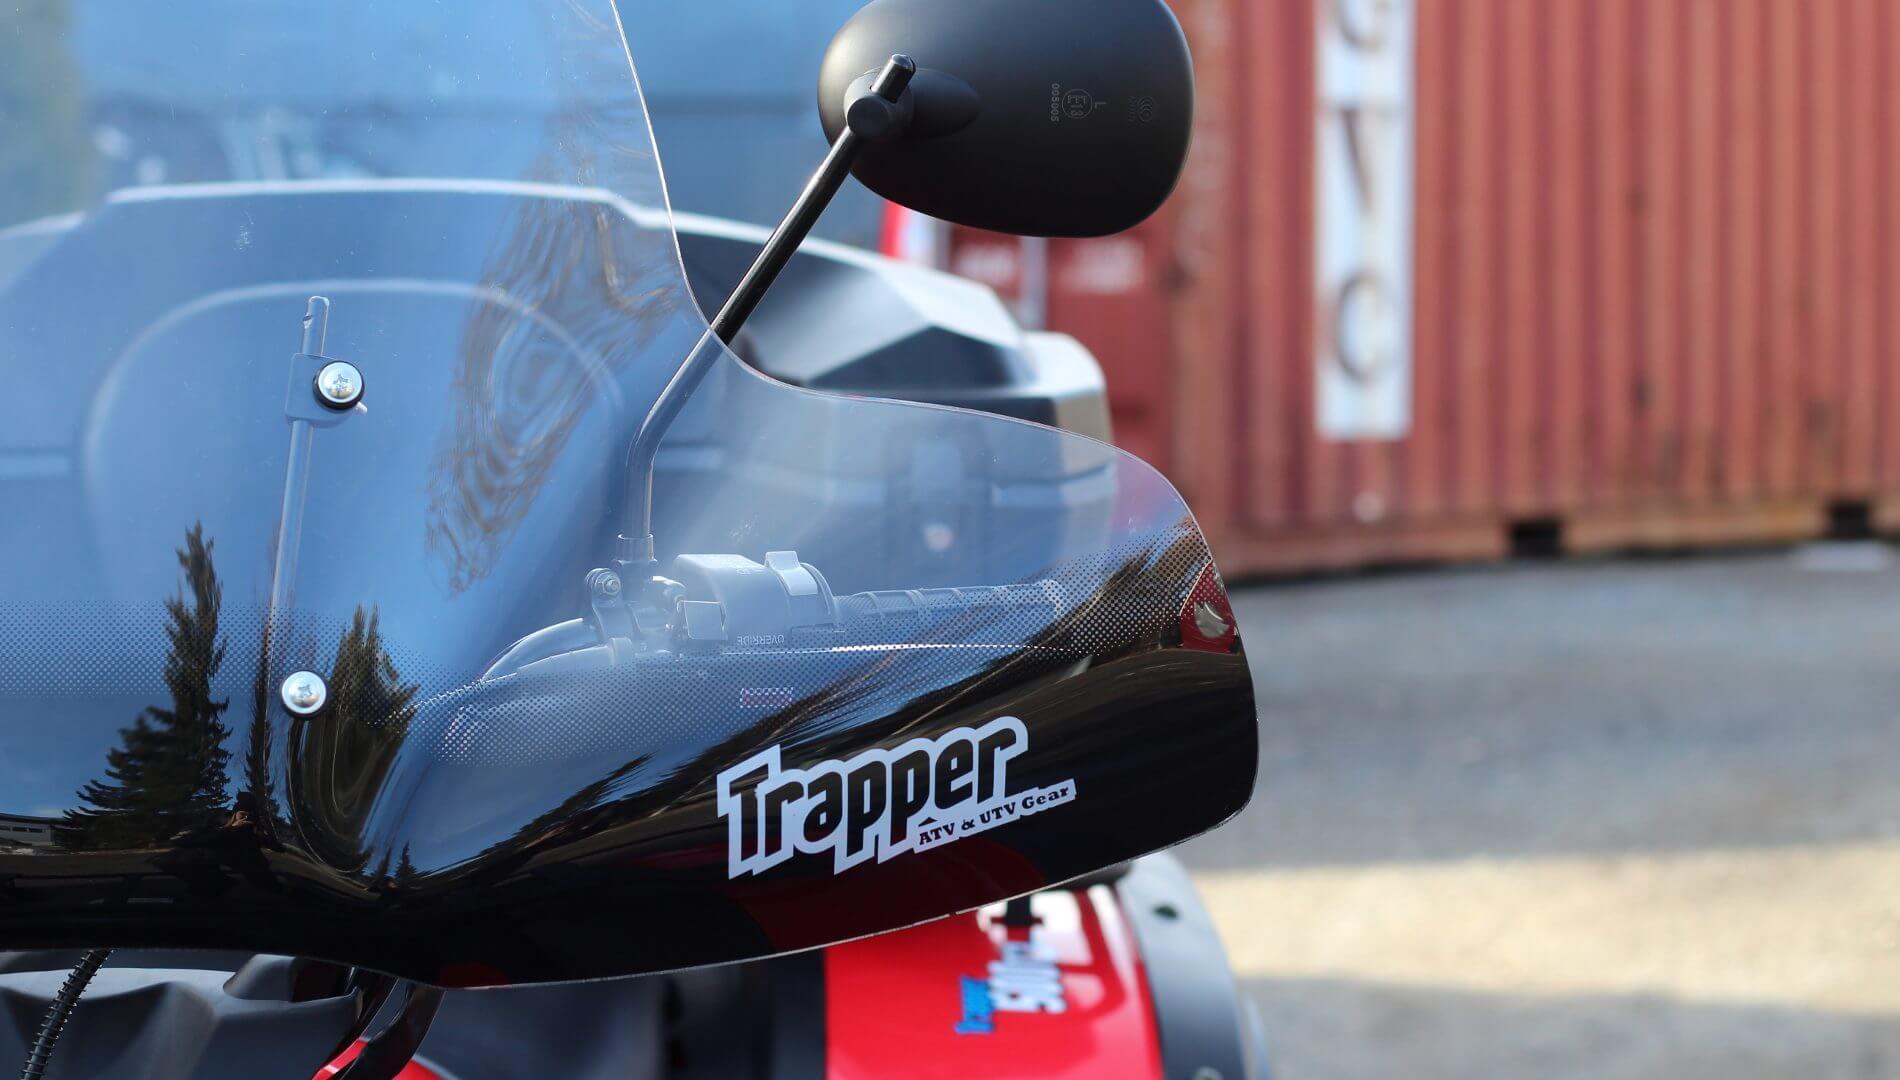 Trapper tuulilasi (ATV)